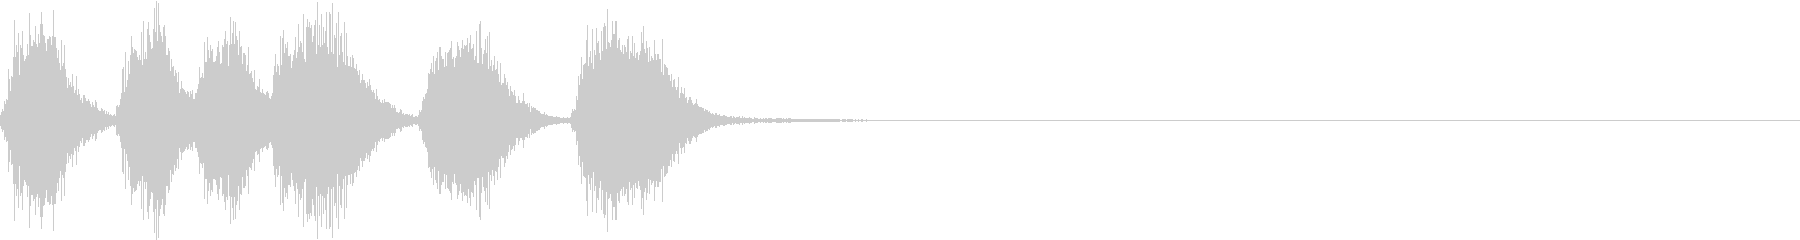 シンプル トランペット ファンファーレEの未再生の波形